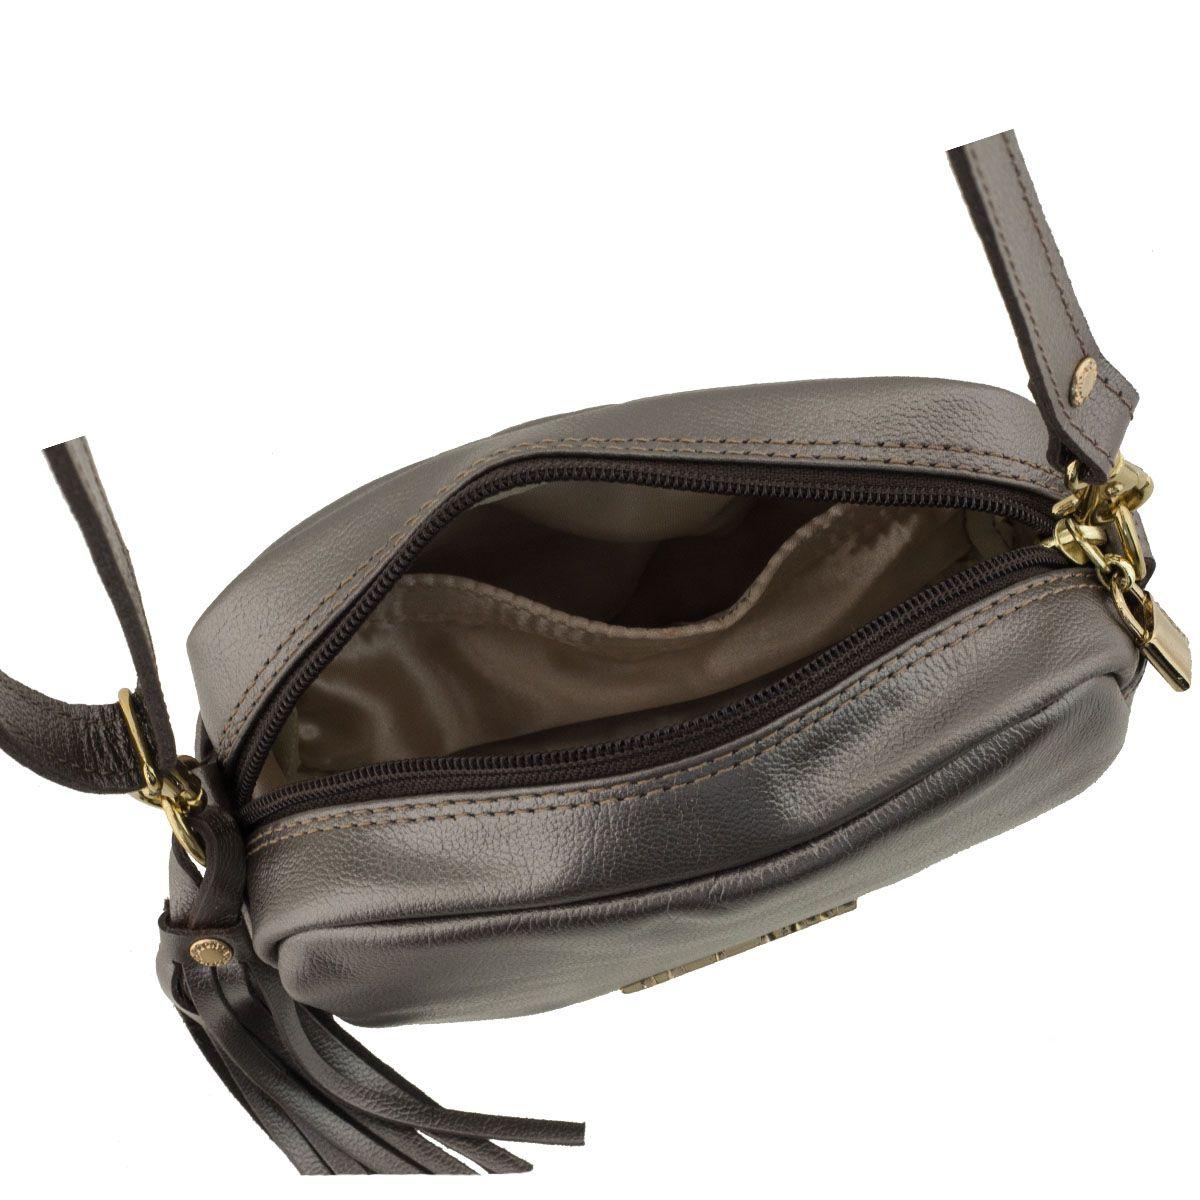 Bolsa De Couro Richards : Bolsa em couro tiracolo prata velho